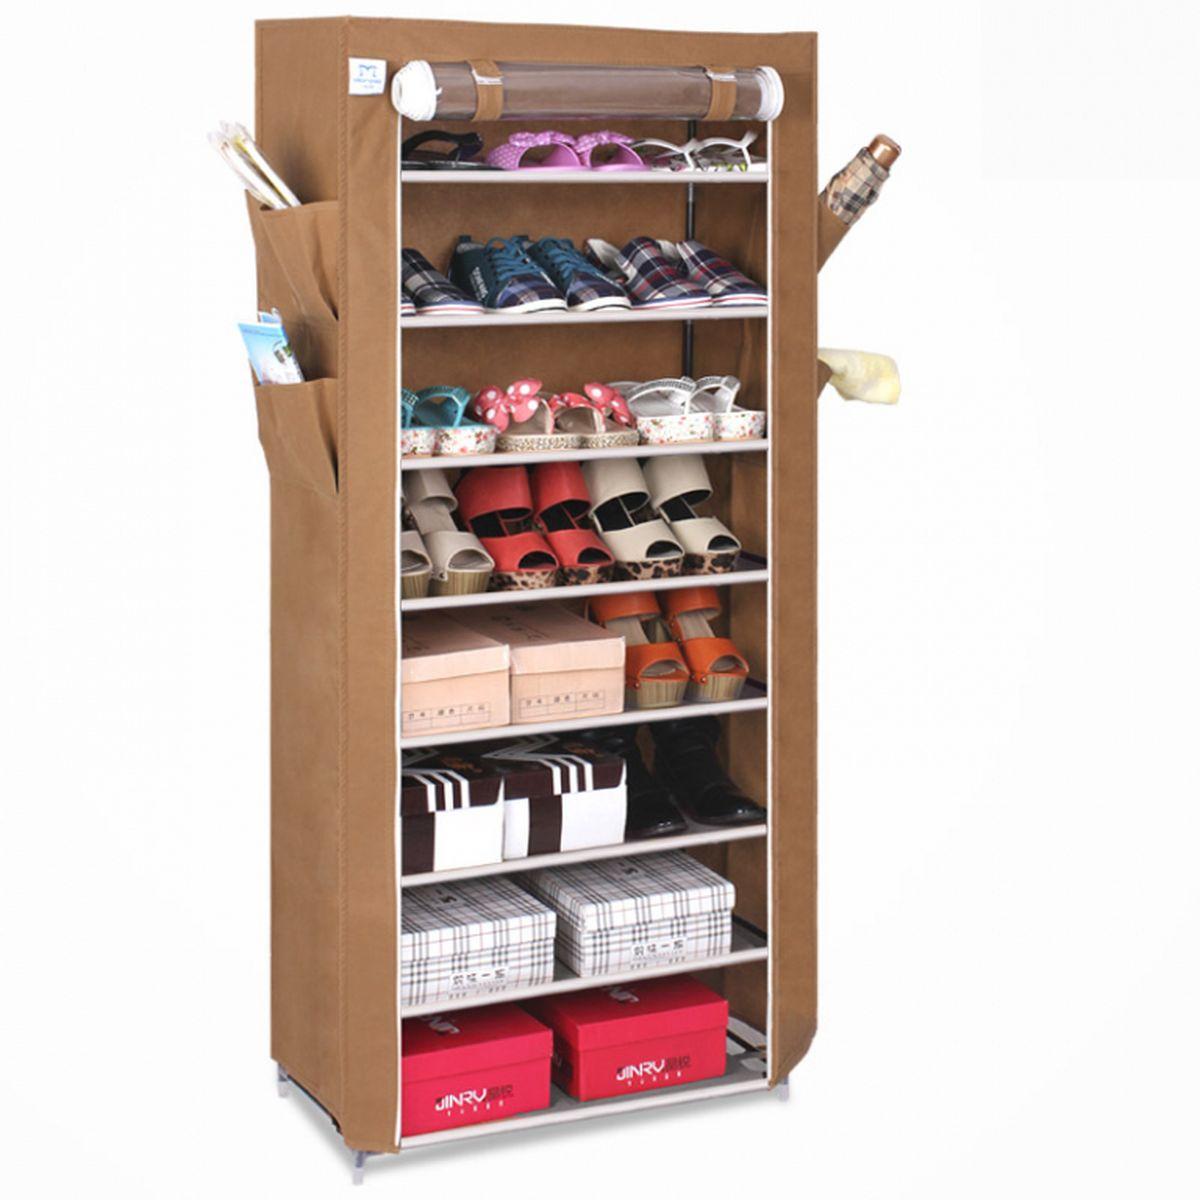 Тканевый шкаф для обуви и аксессуаров Homsu Элис, цвет: коричневый, 60 x 30 x 136 смES-412Этот шкаф предназначен для комфортного, практичного и удобного хранения обуви и других предметов в вашем доме.Выполненный в коричневом цвете, такой шкаф вполне может стать полноценным дополнением к вашей уютной домашней обстановке. 8 полок для обуви, шириной 60 см и глубиной 30 см плюс боковые кармашки для тапочек, зонтов и всяких мелочей надолго обеспечат полный порядок в прихожей. Фактический цвет может отличаться от заявленного.